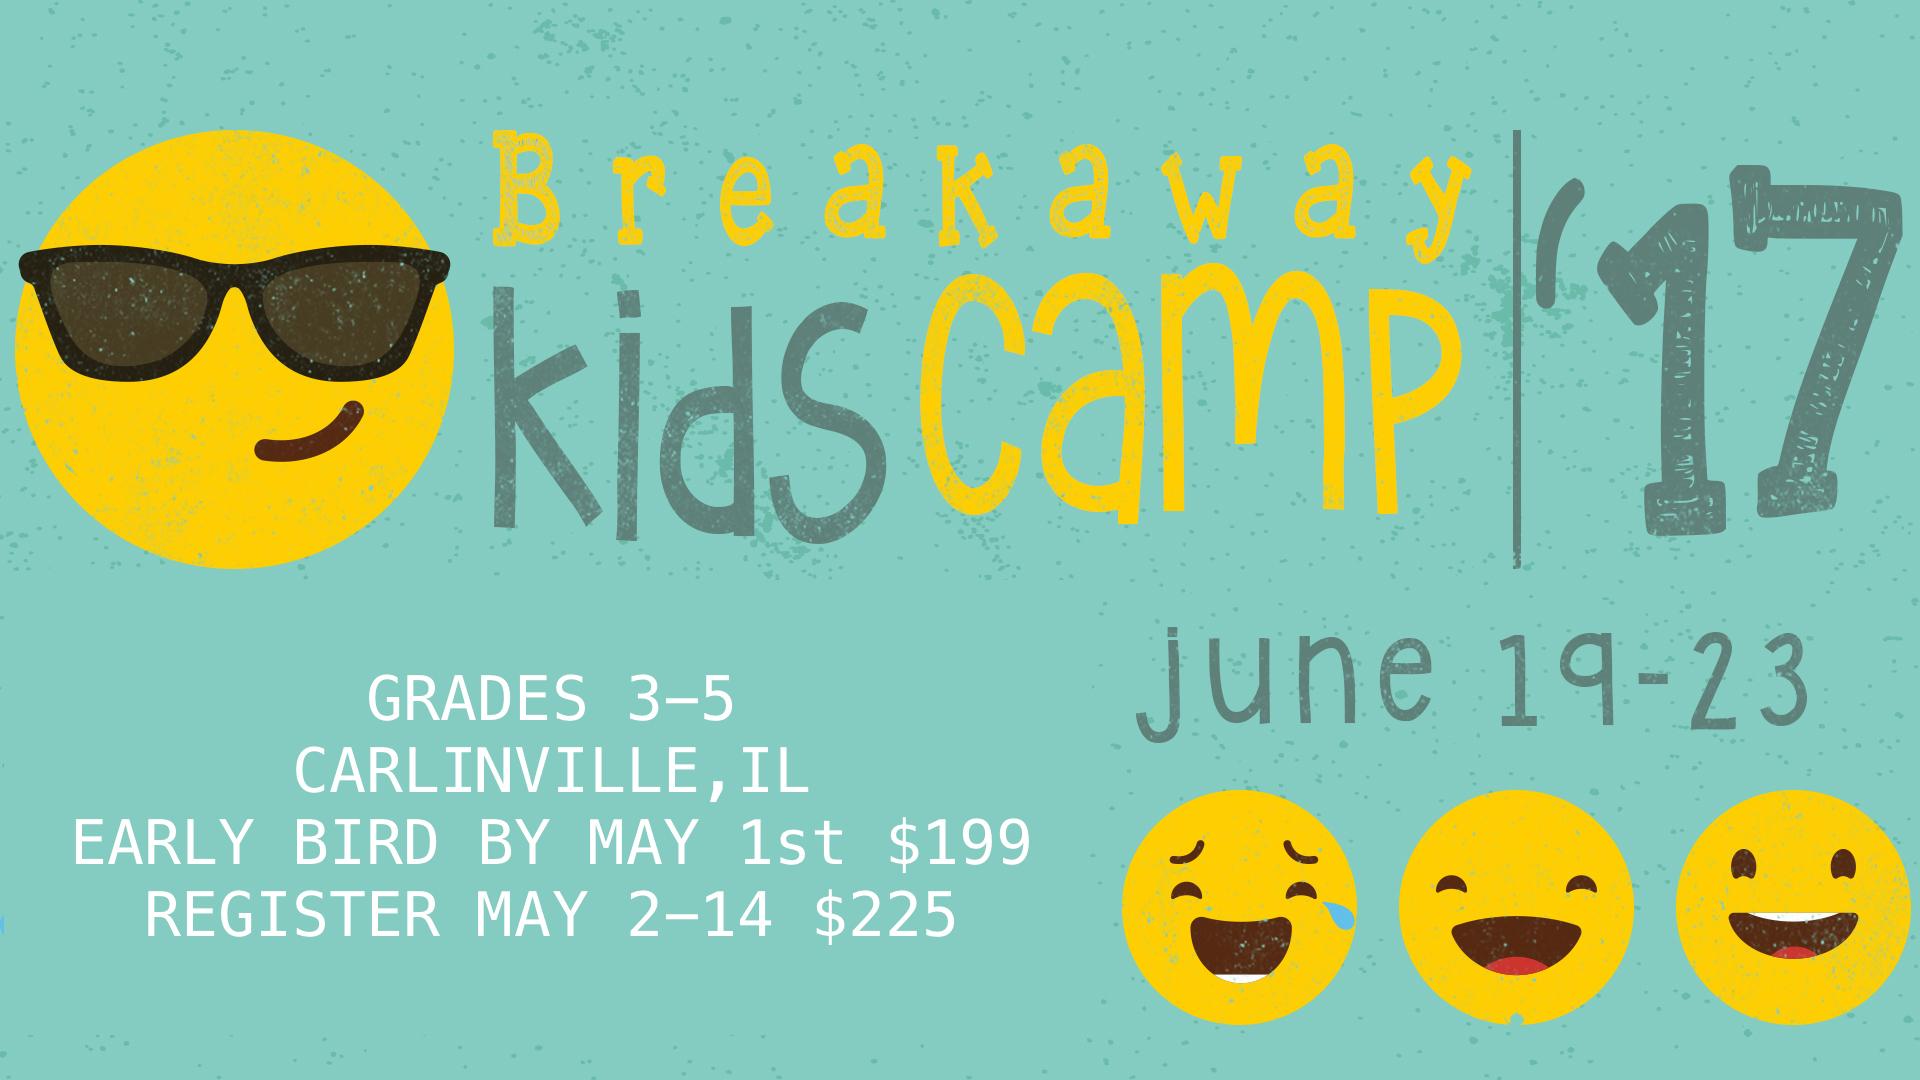 Kidscampadforweb